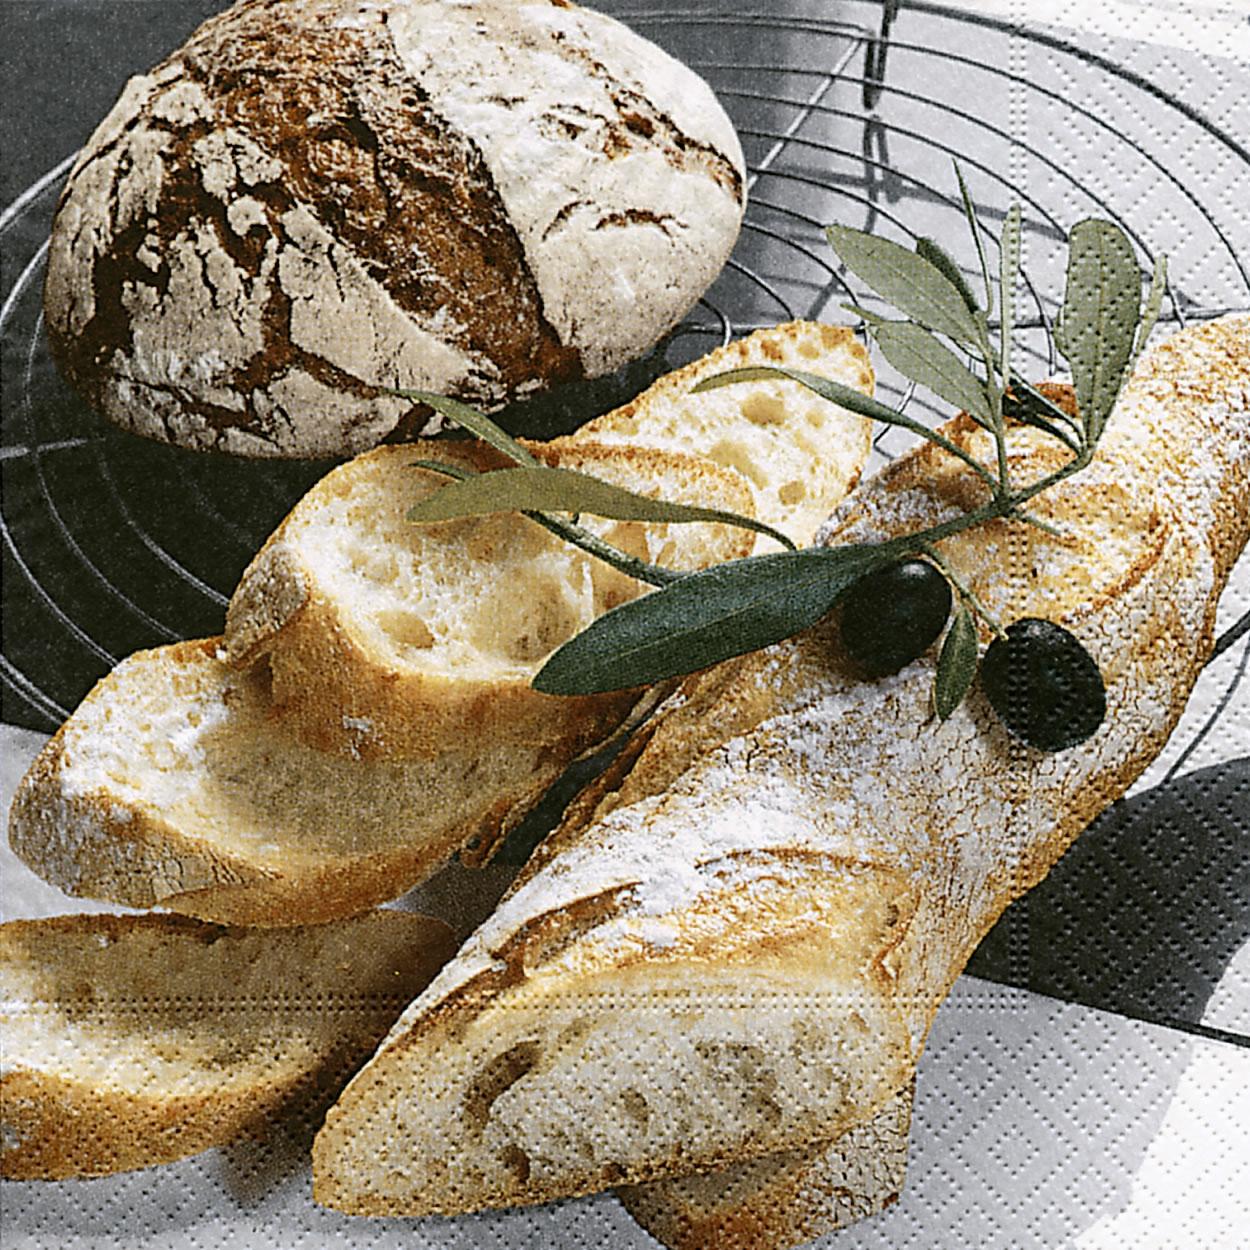 Lunch Servietten fresh bread,  Früchte - Oliven,  Essen - Brot / Brötchen,  Everyday,  lunchservietten,  Oliven,  Brot